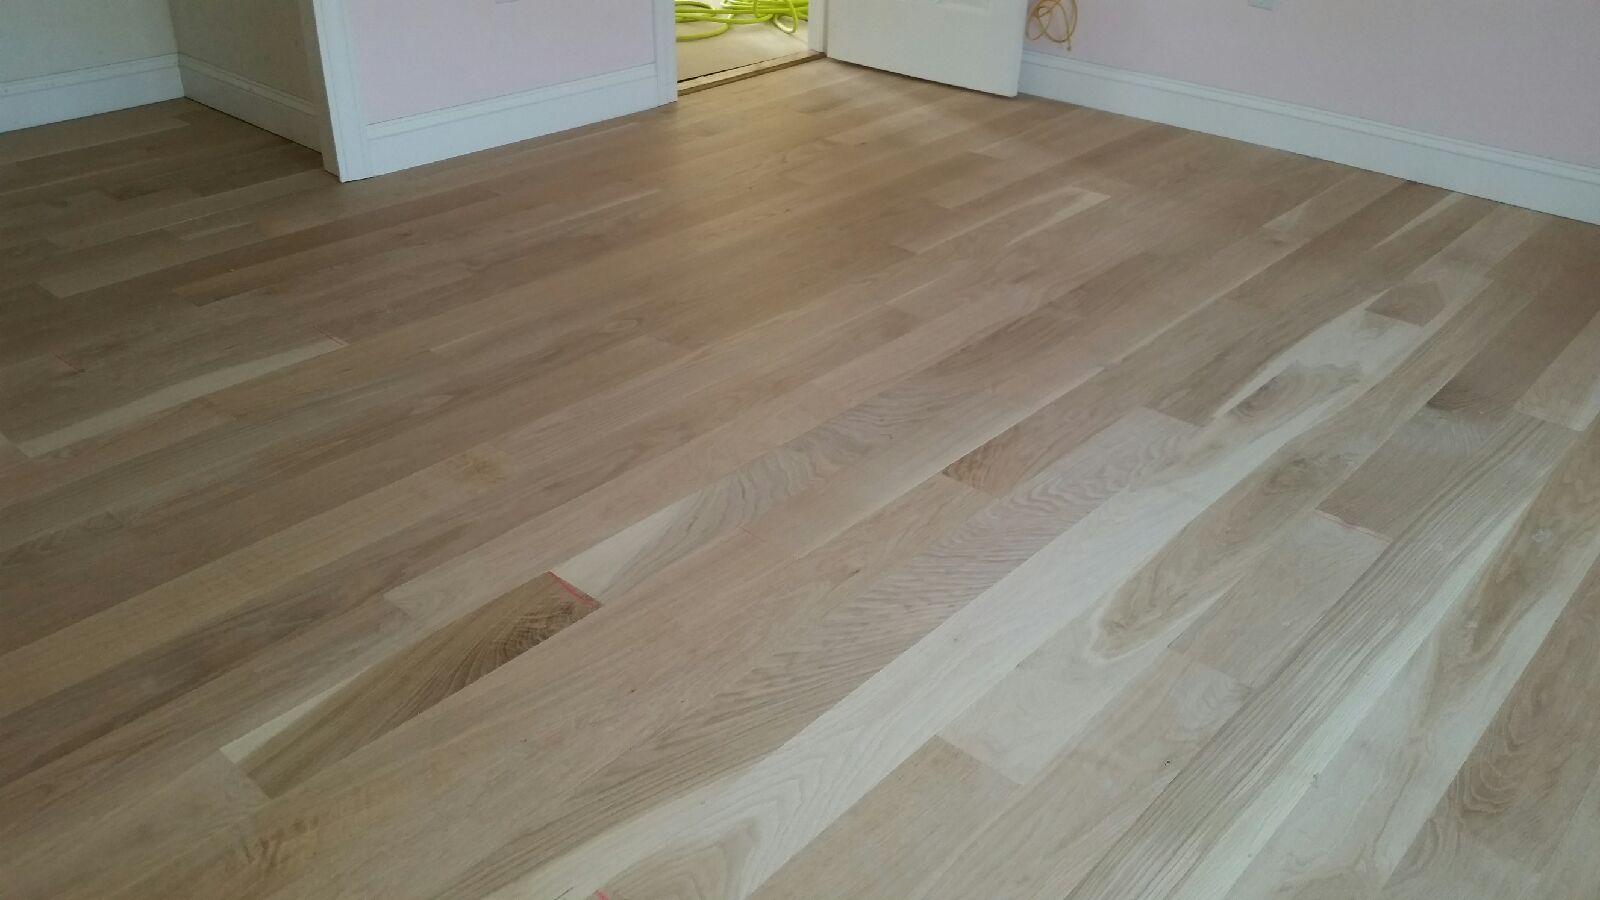 wide plank-select white oak hardwood flooring VUXPLSQ